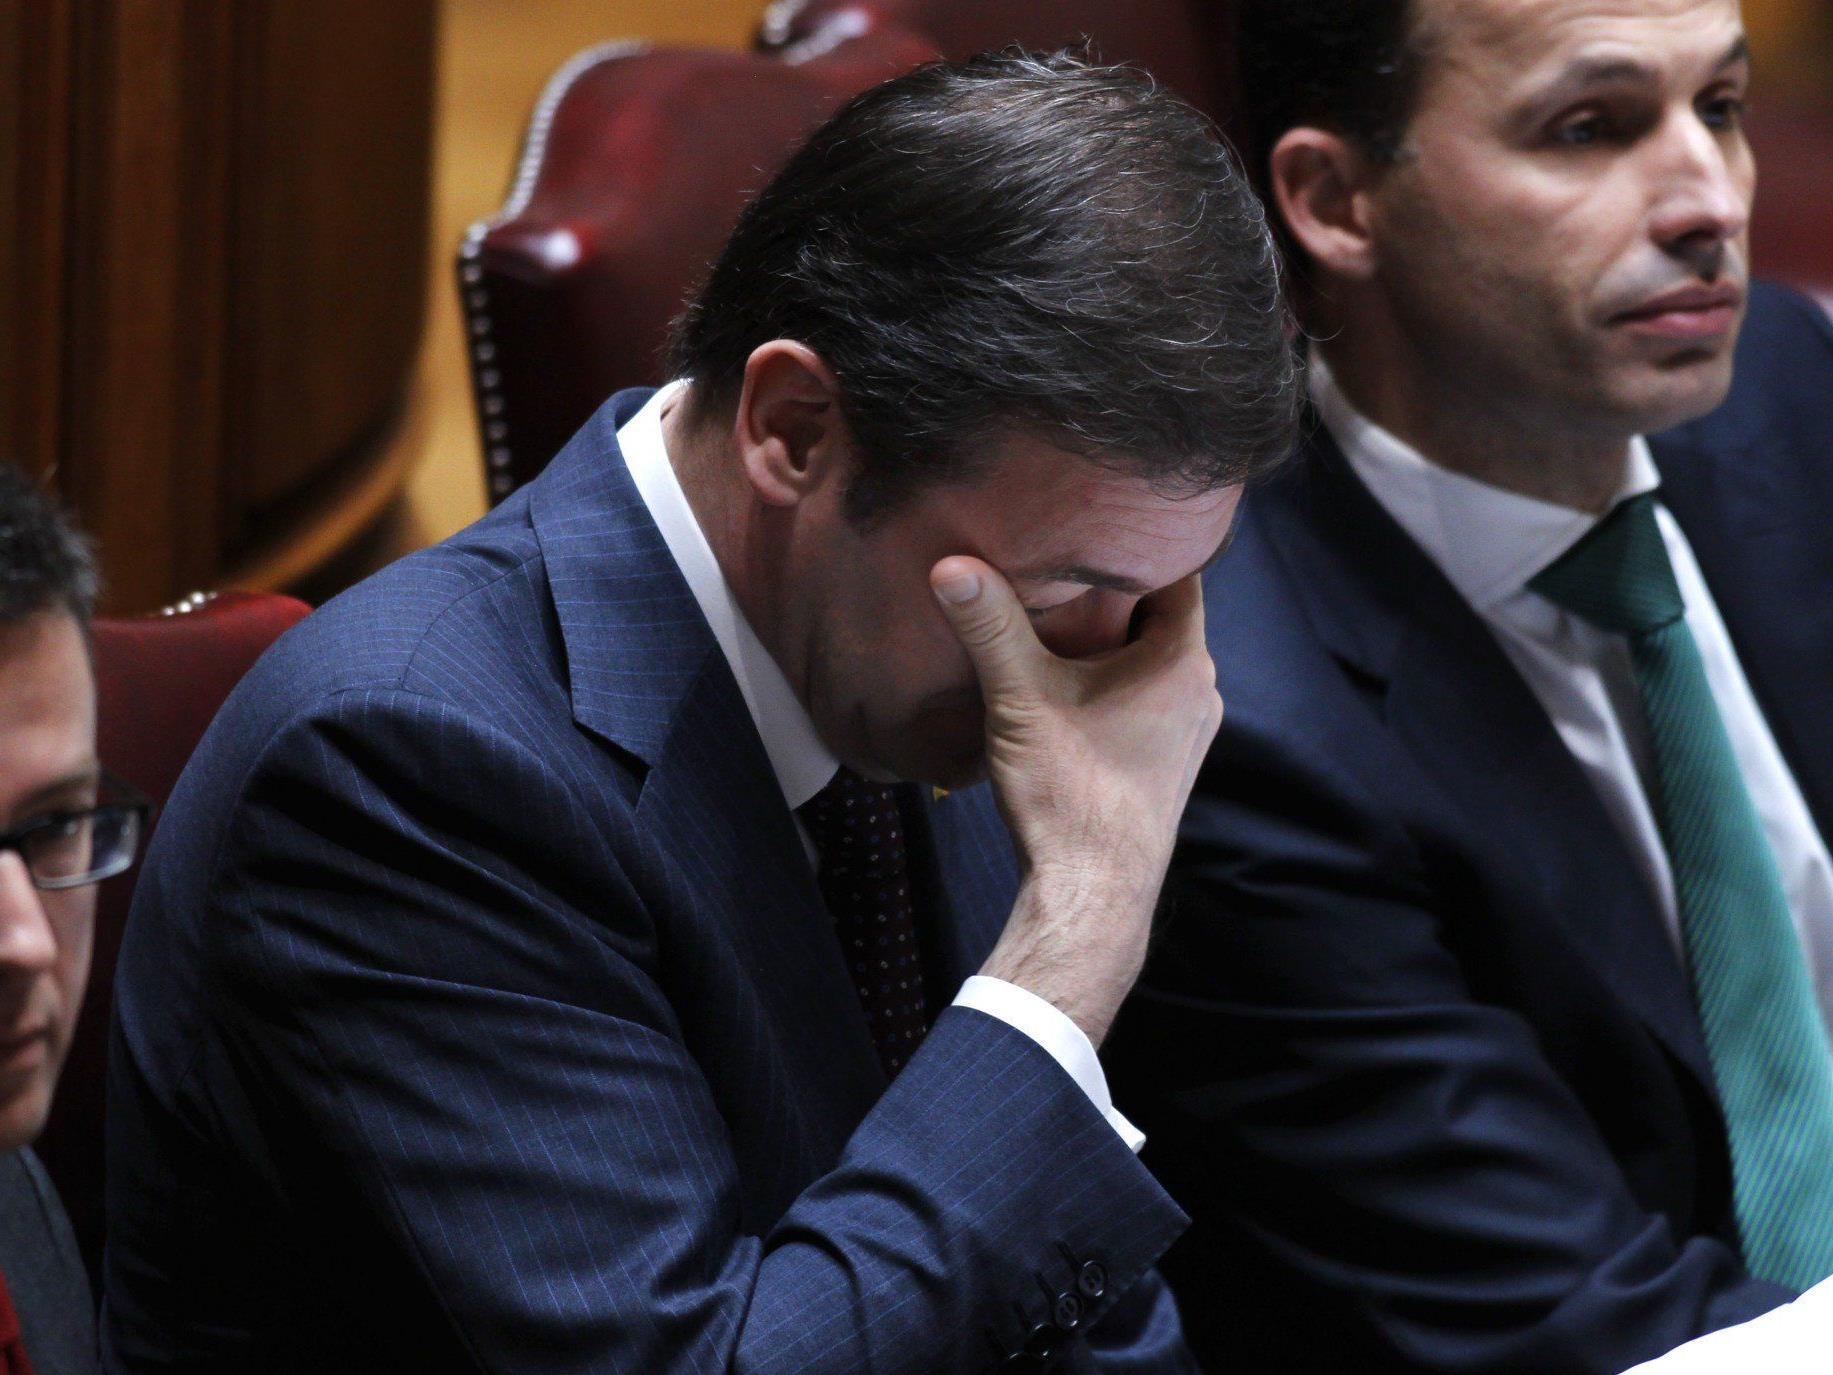 Porugals Sparpaket illegal - schwerer Rückschlag für konservative Regierung.